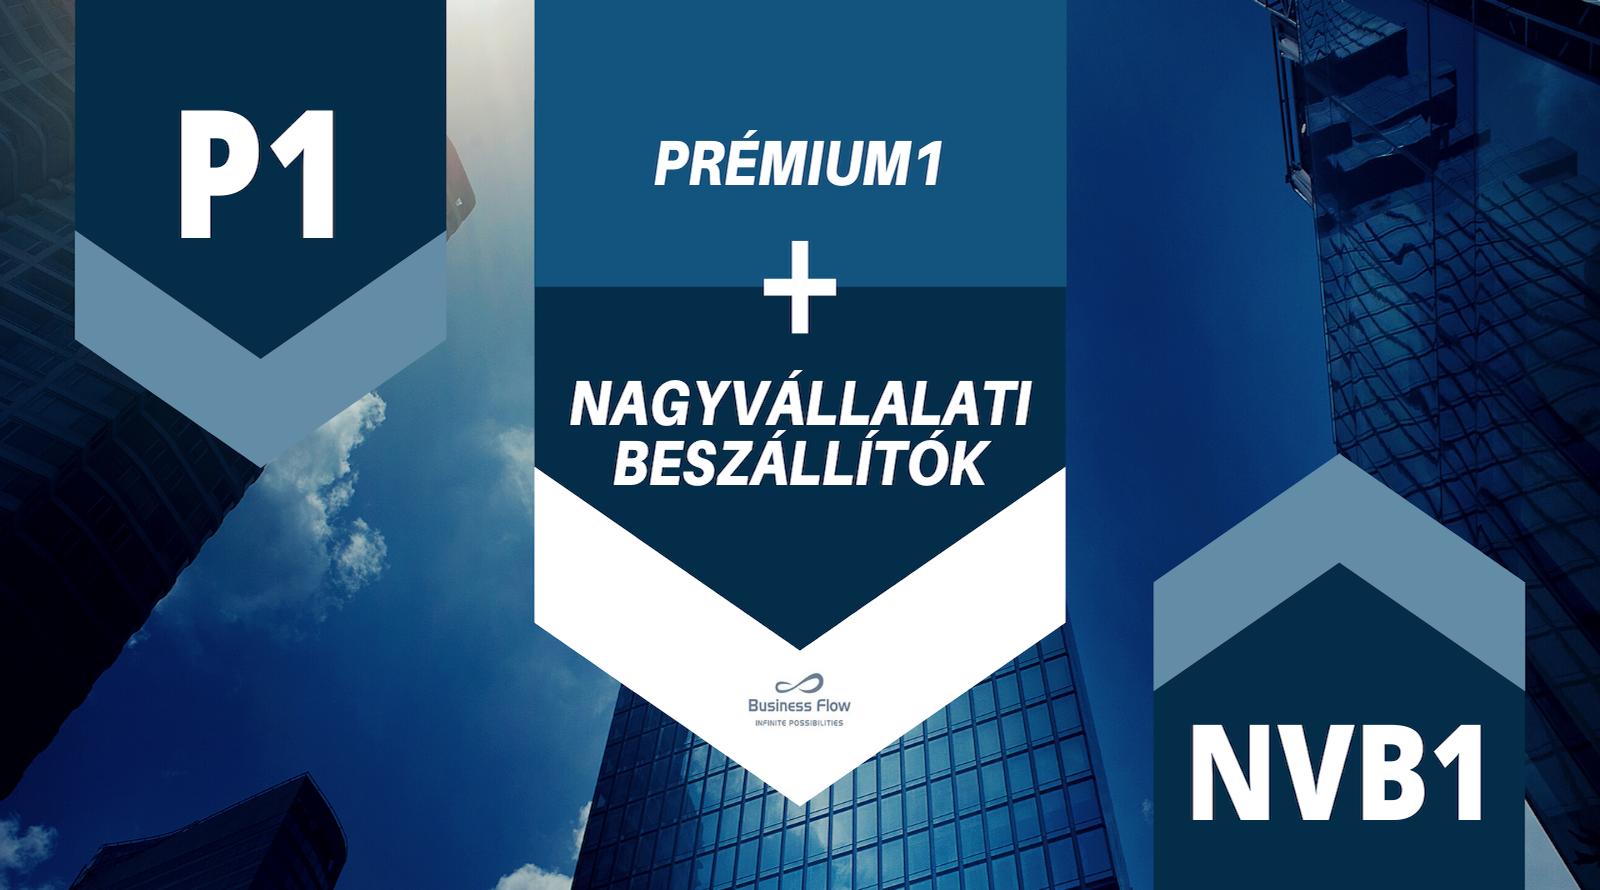 Prémium 1 Klub + Nagyvállalati Beszállítók » üzleti találkozó